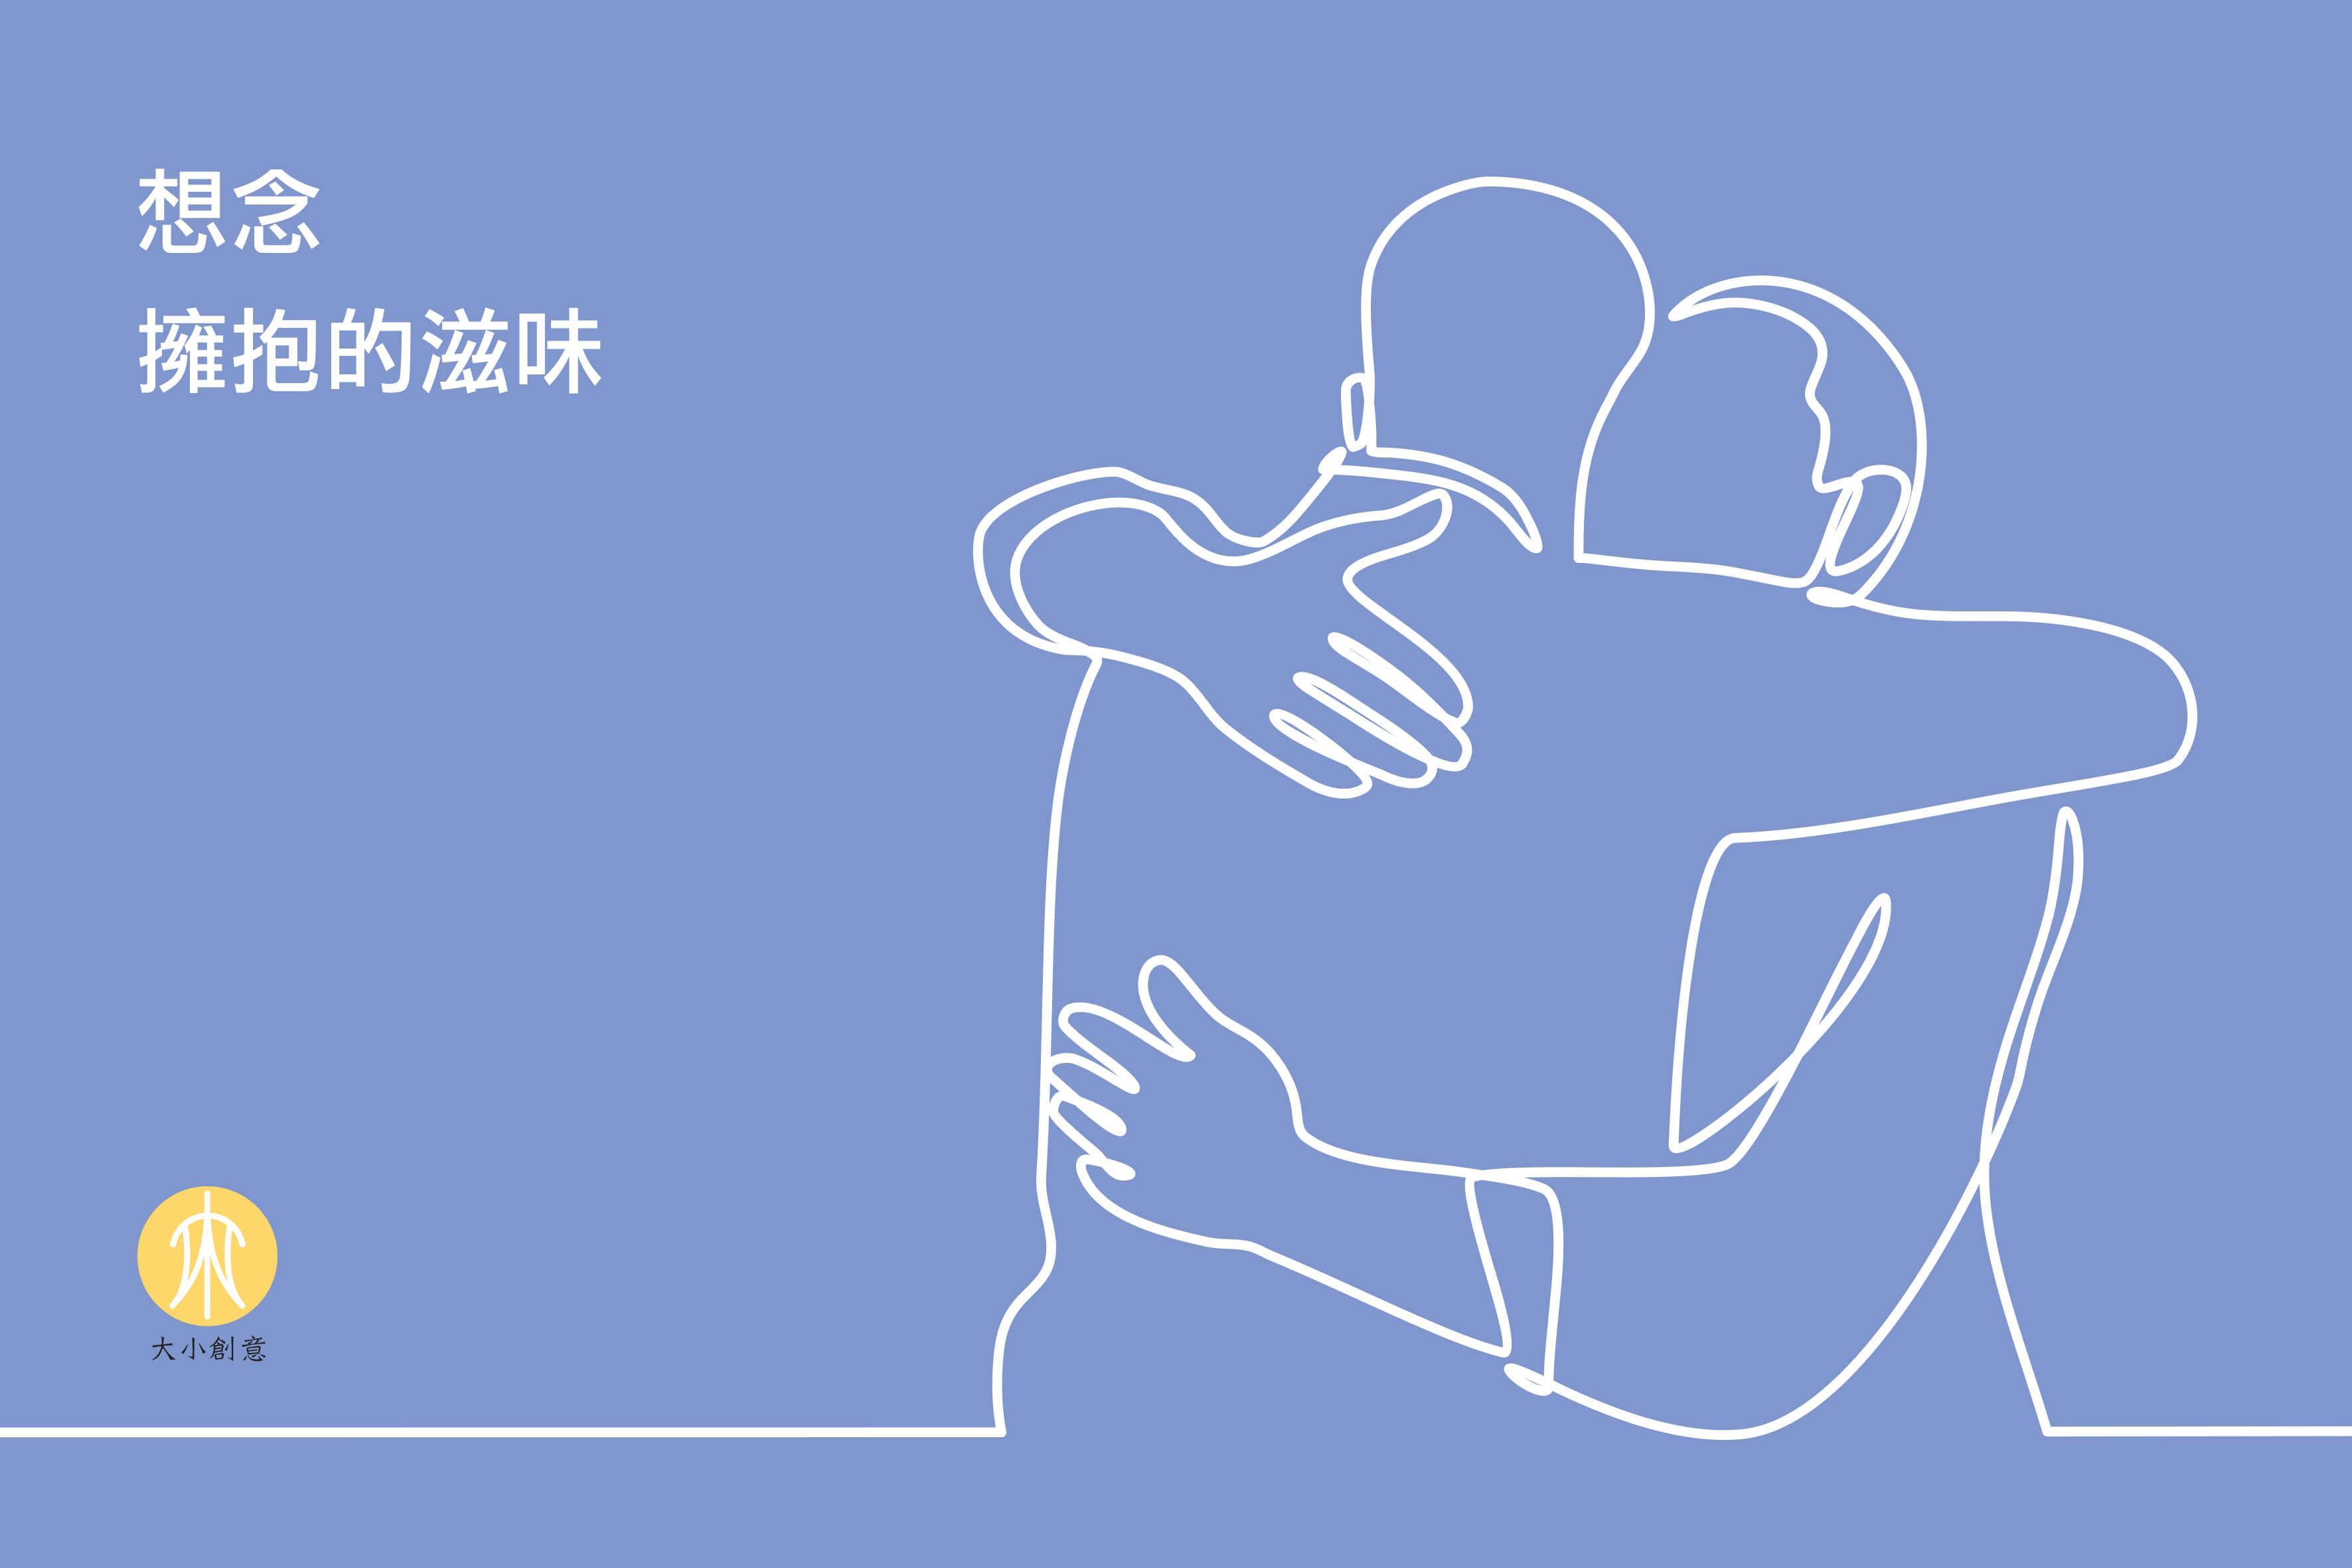 想念擁抱的滋味